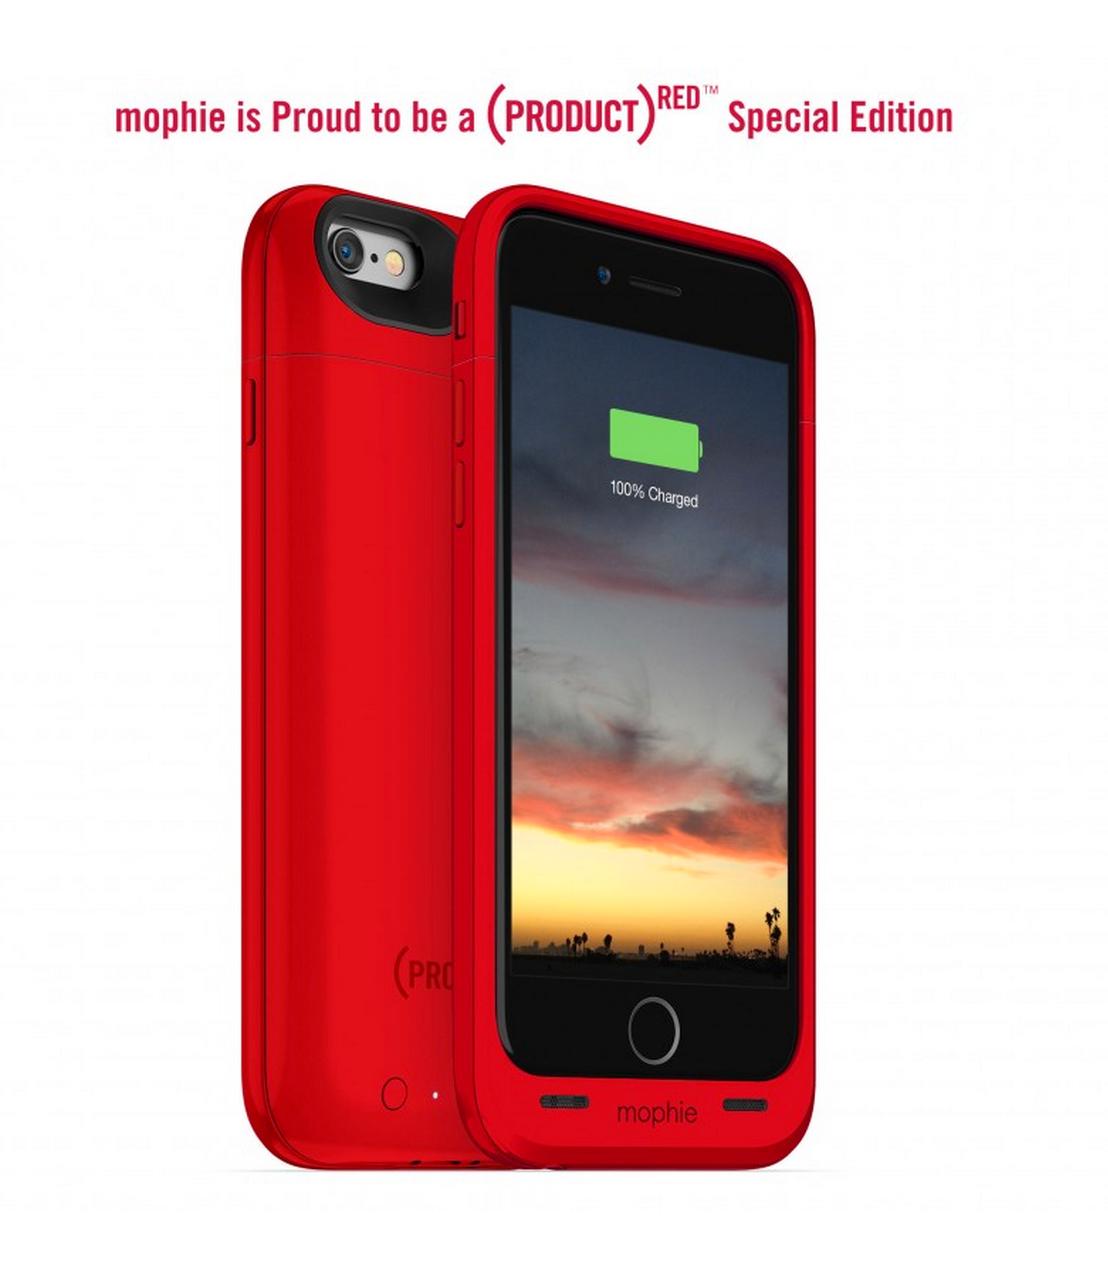 Mophie Juice Pack Air fåes i 8 forskjellige farger, deriblant denne røde Apple-fargen, som går til inntekt for kreftbekjempelse. Foto: Mophie